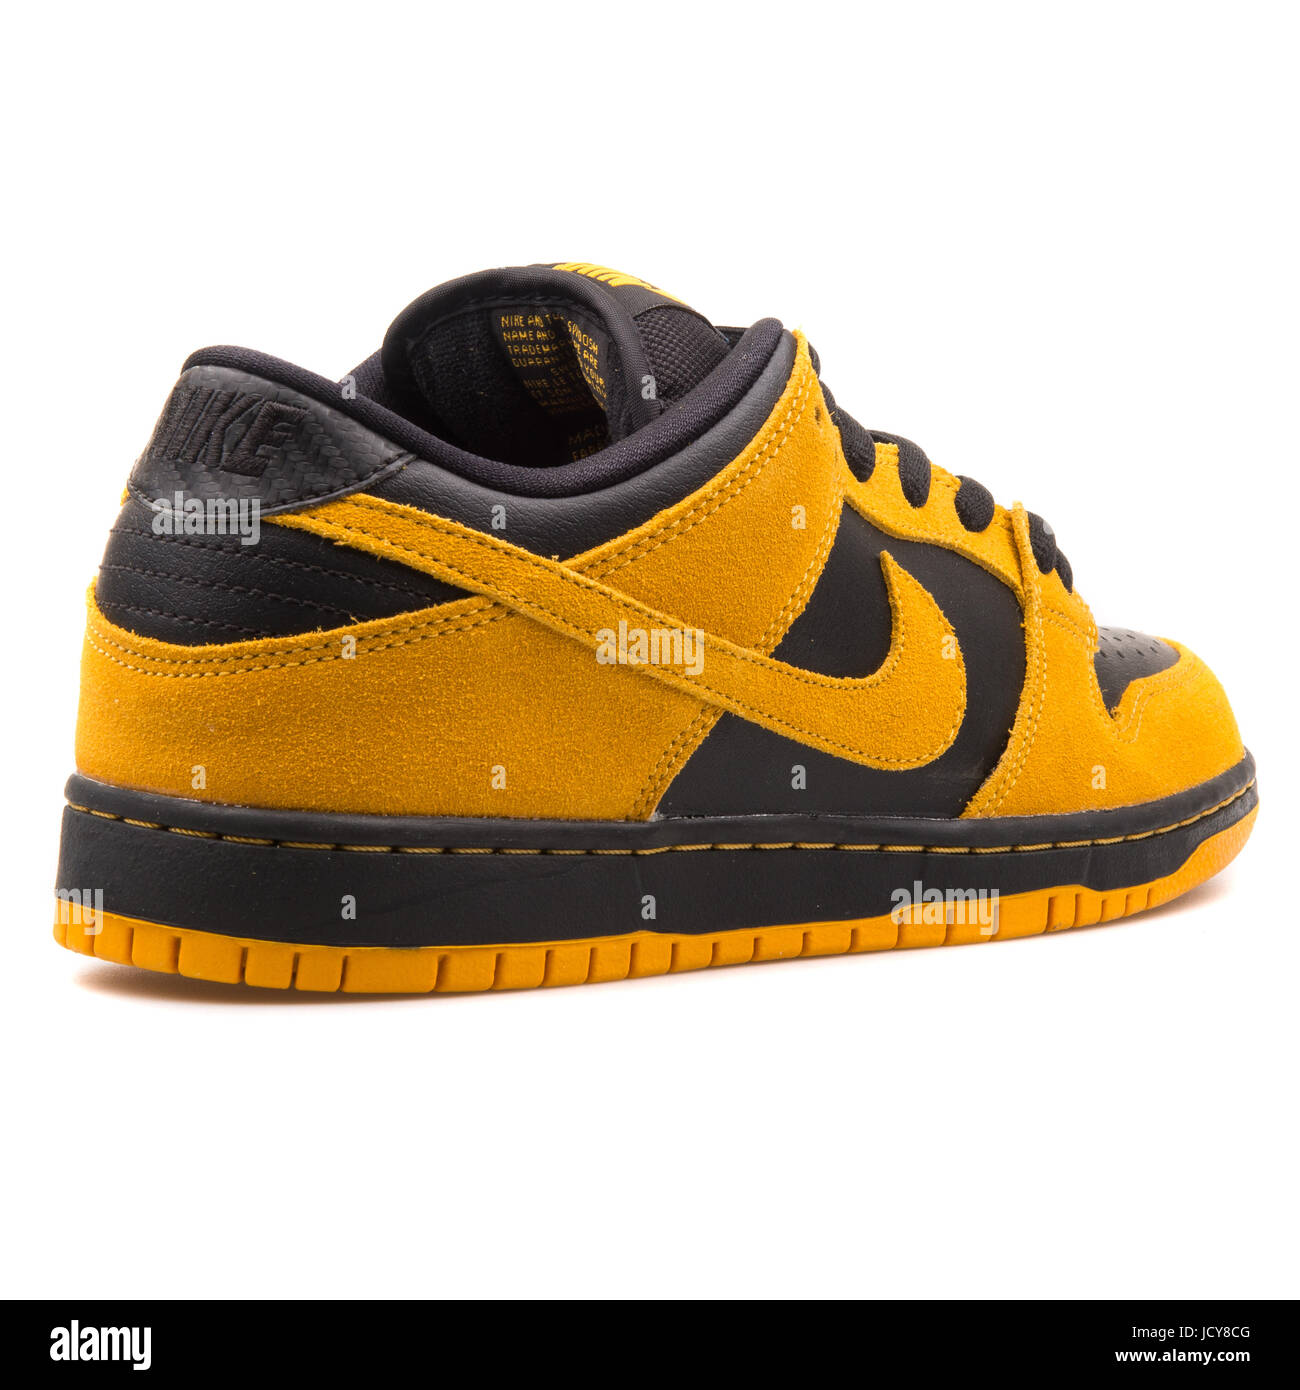 promo code 526a0 23280 Nike Dunk Low Pro SB oro giallo e nero uomini scarpe Skateboarding -  304292-706